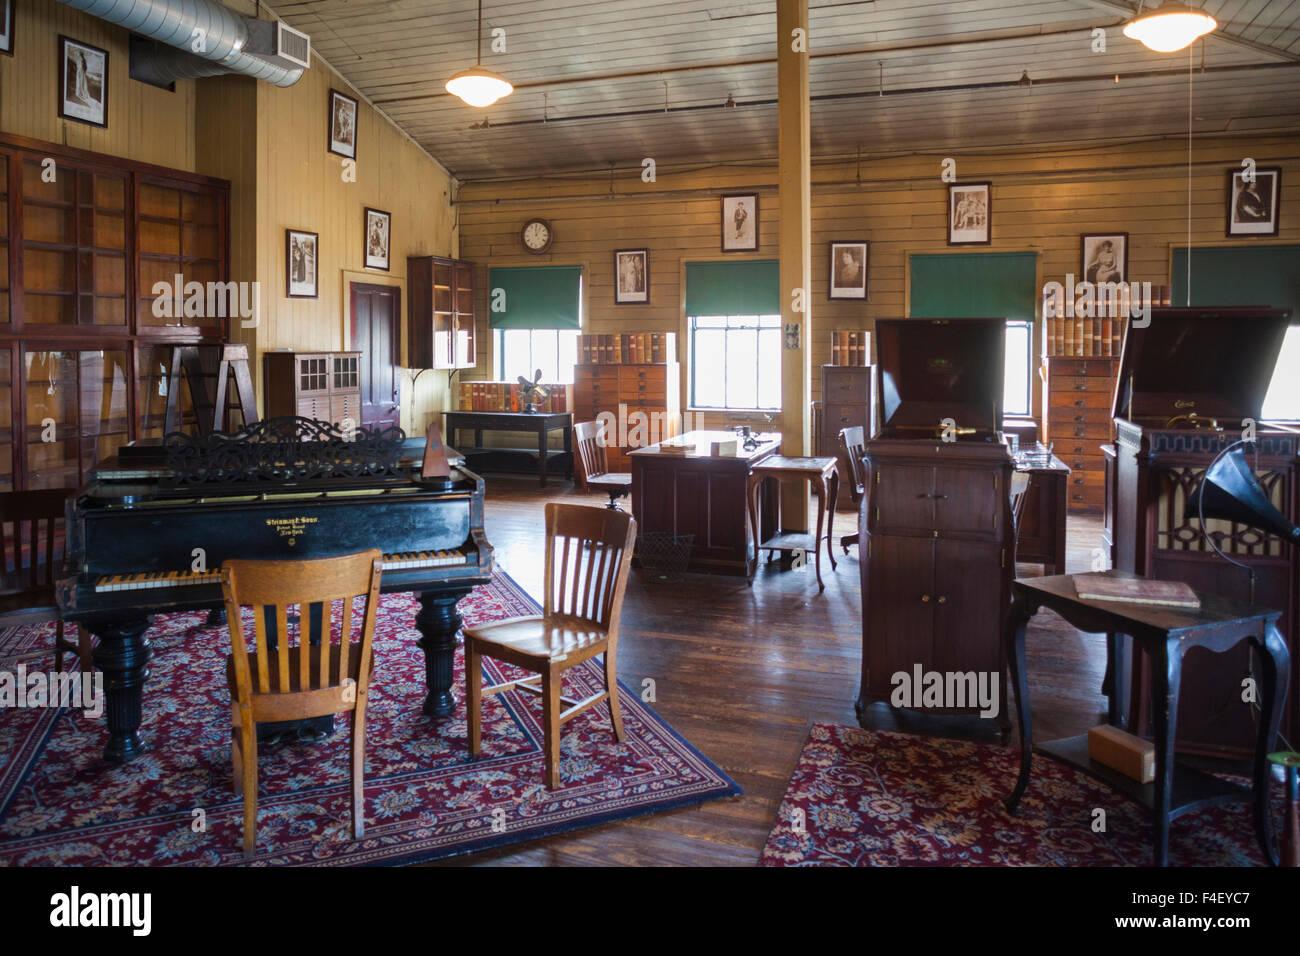 USA, New Jersey, West Orange, Thomas Edison National Historical Park, de l'intérieur, la salle de musique Banque D'Images